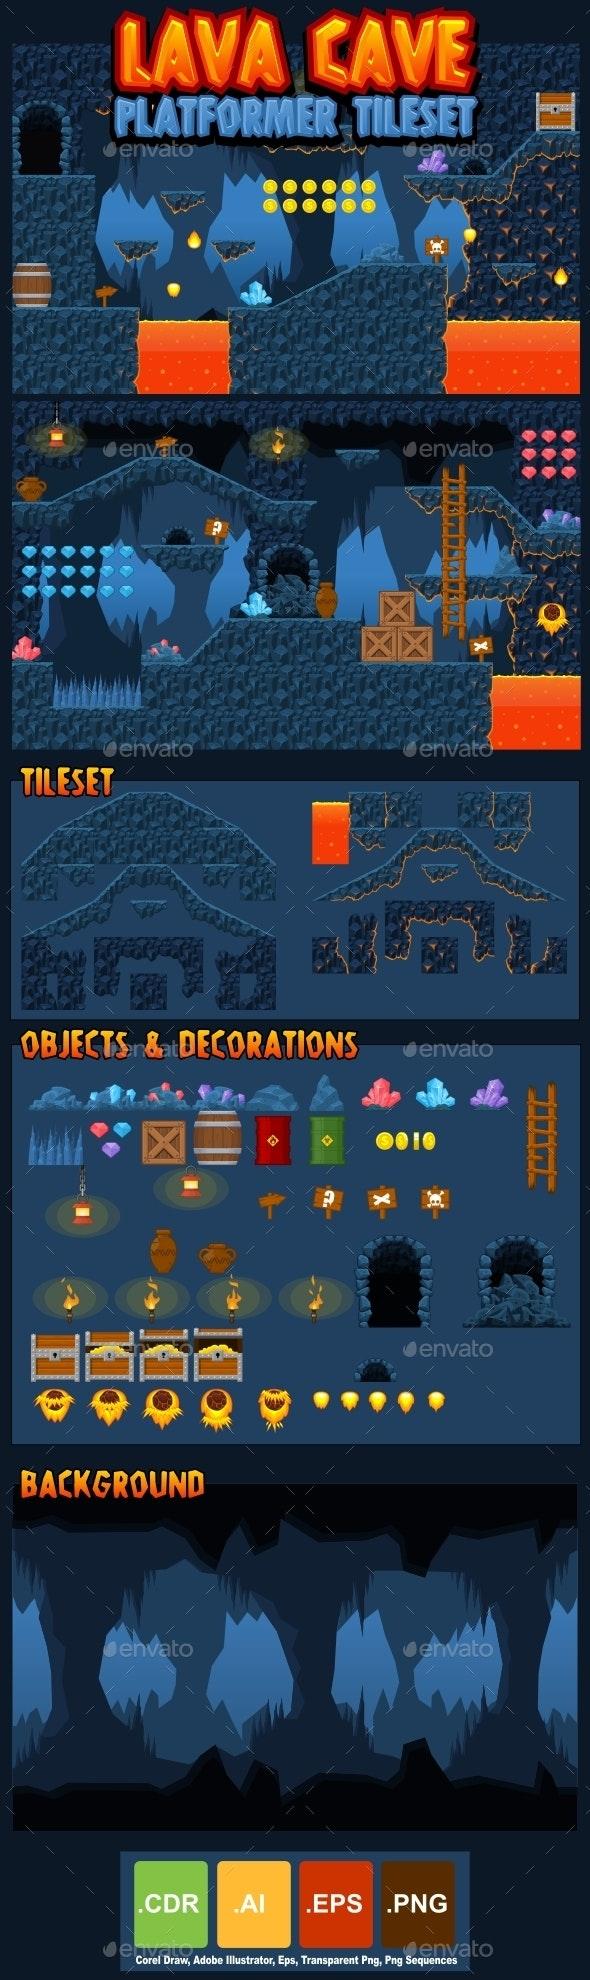 Lava Cave - Platformer Tileset - Tilesets Game Assets